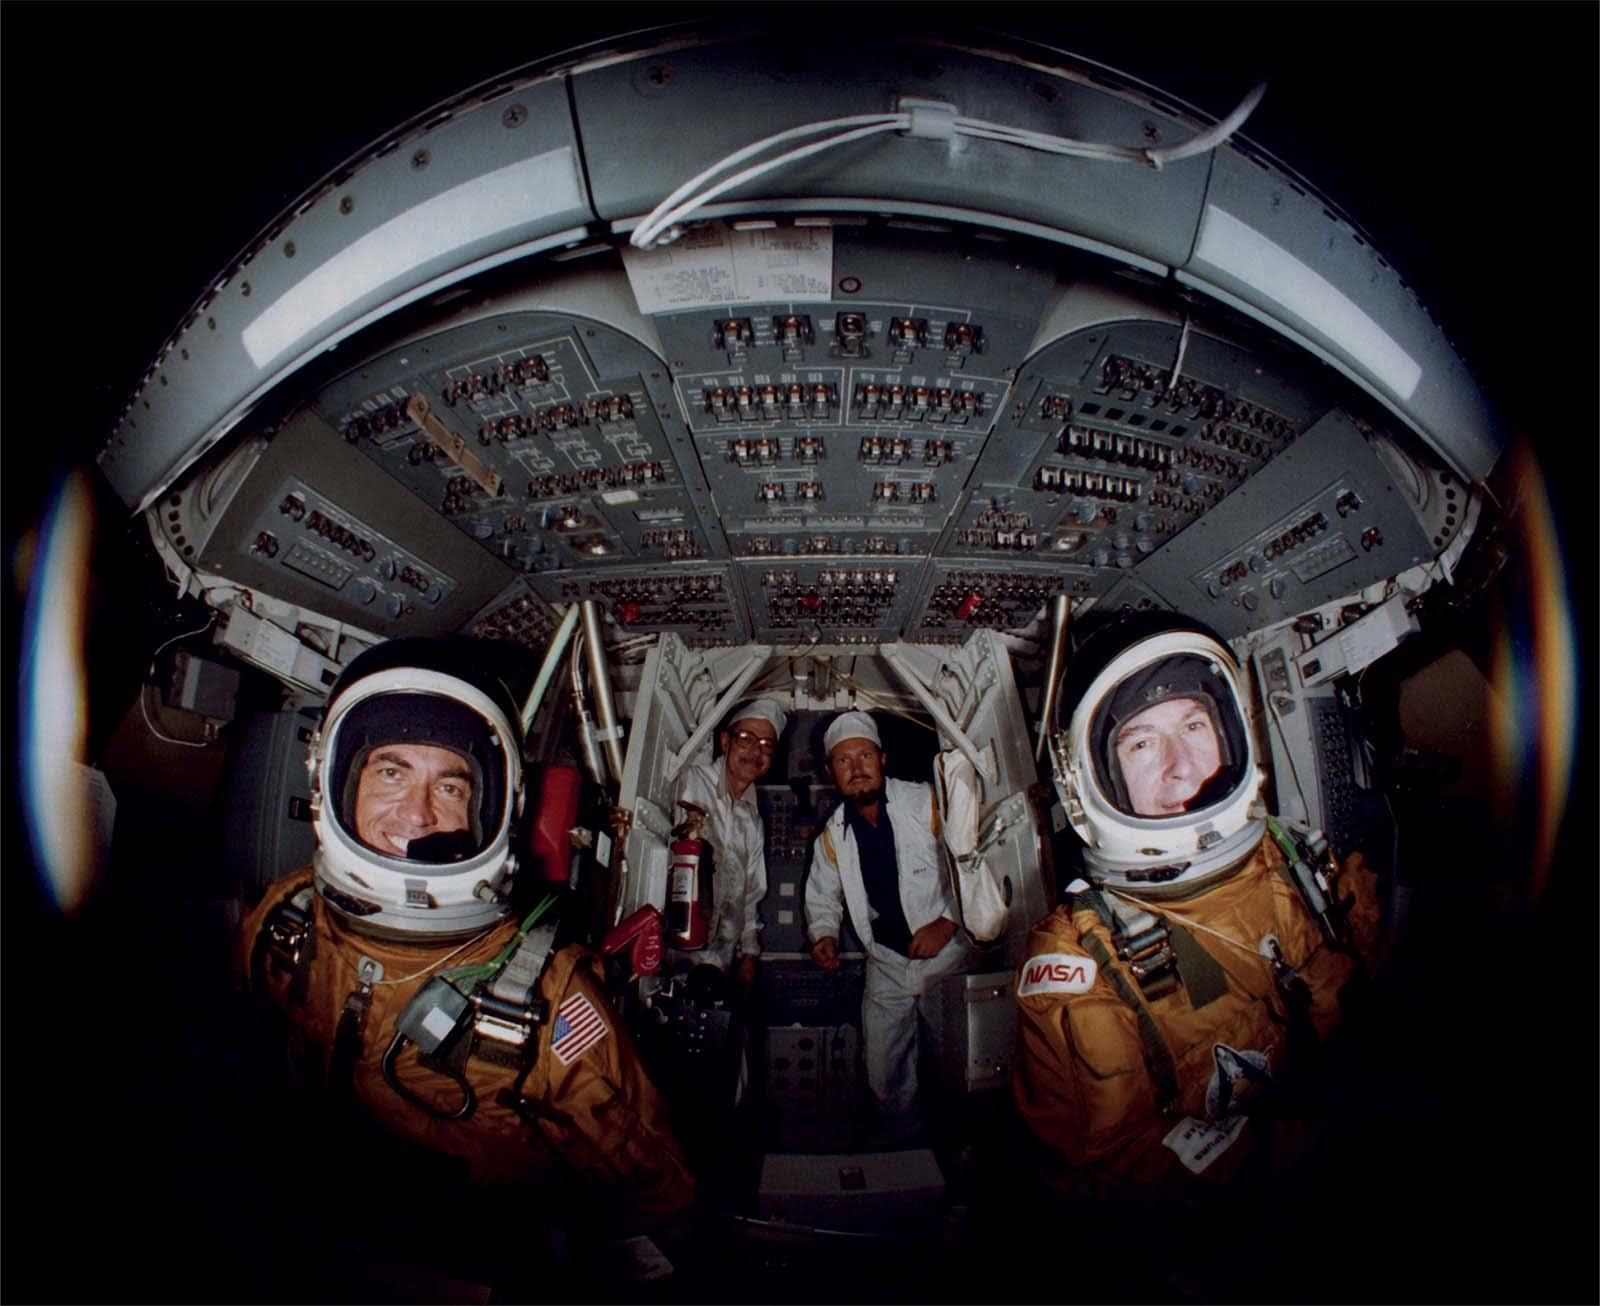 """صور نادرة تُظهر الأعوام الأولى من عصر مكوك الفضاء لوكالة """"ناسا"""""""